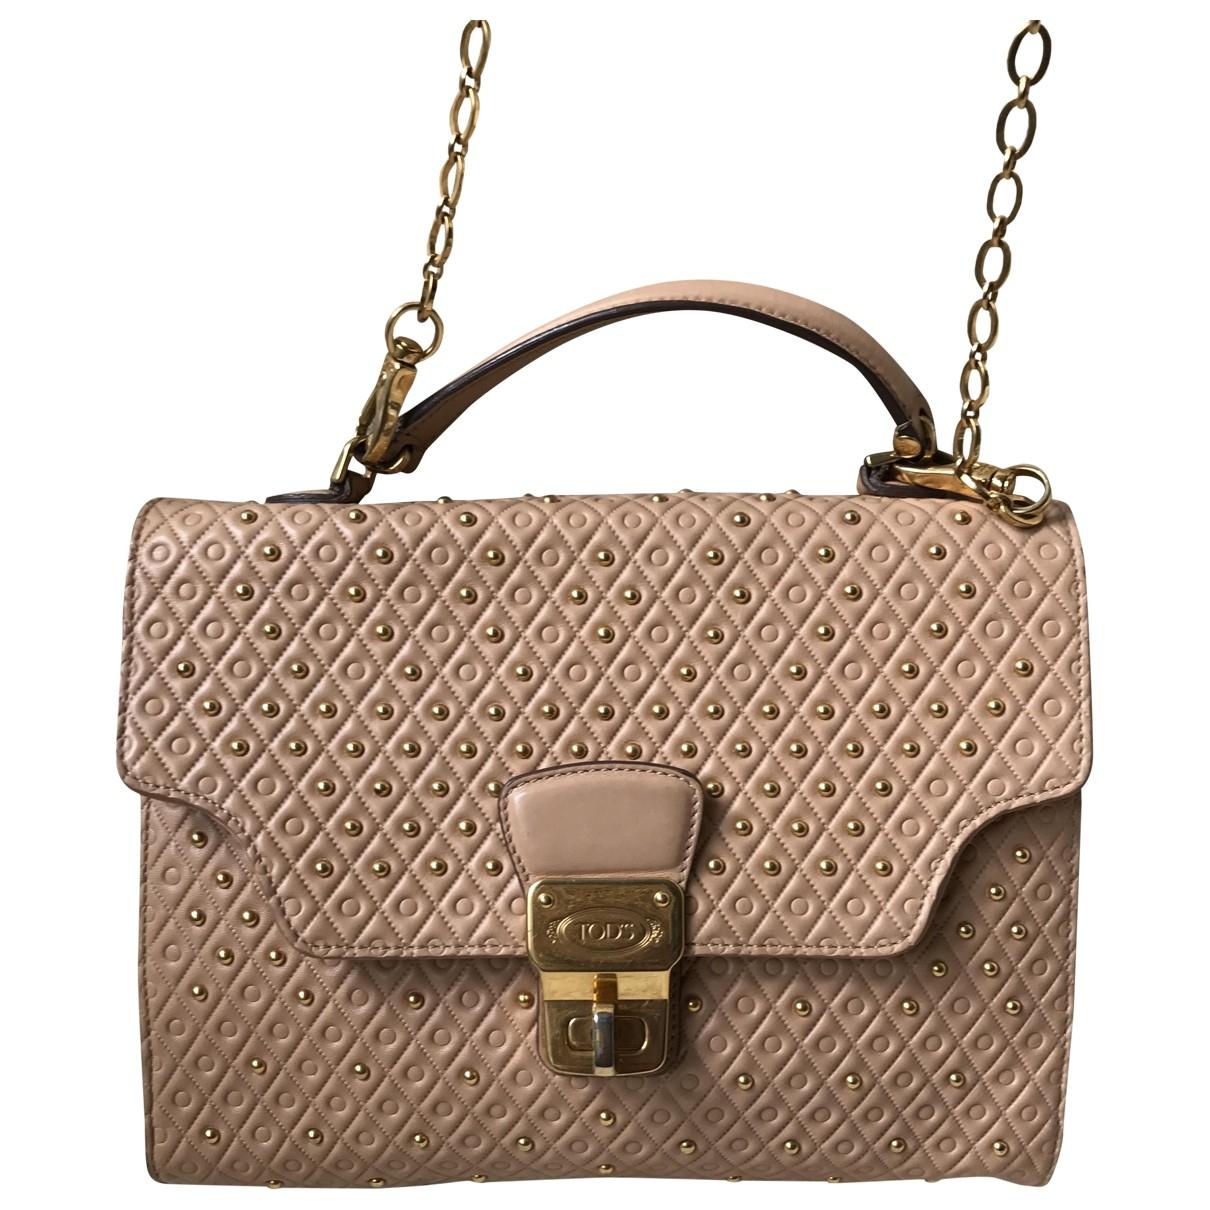 Tods \N Handtasche in Leder